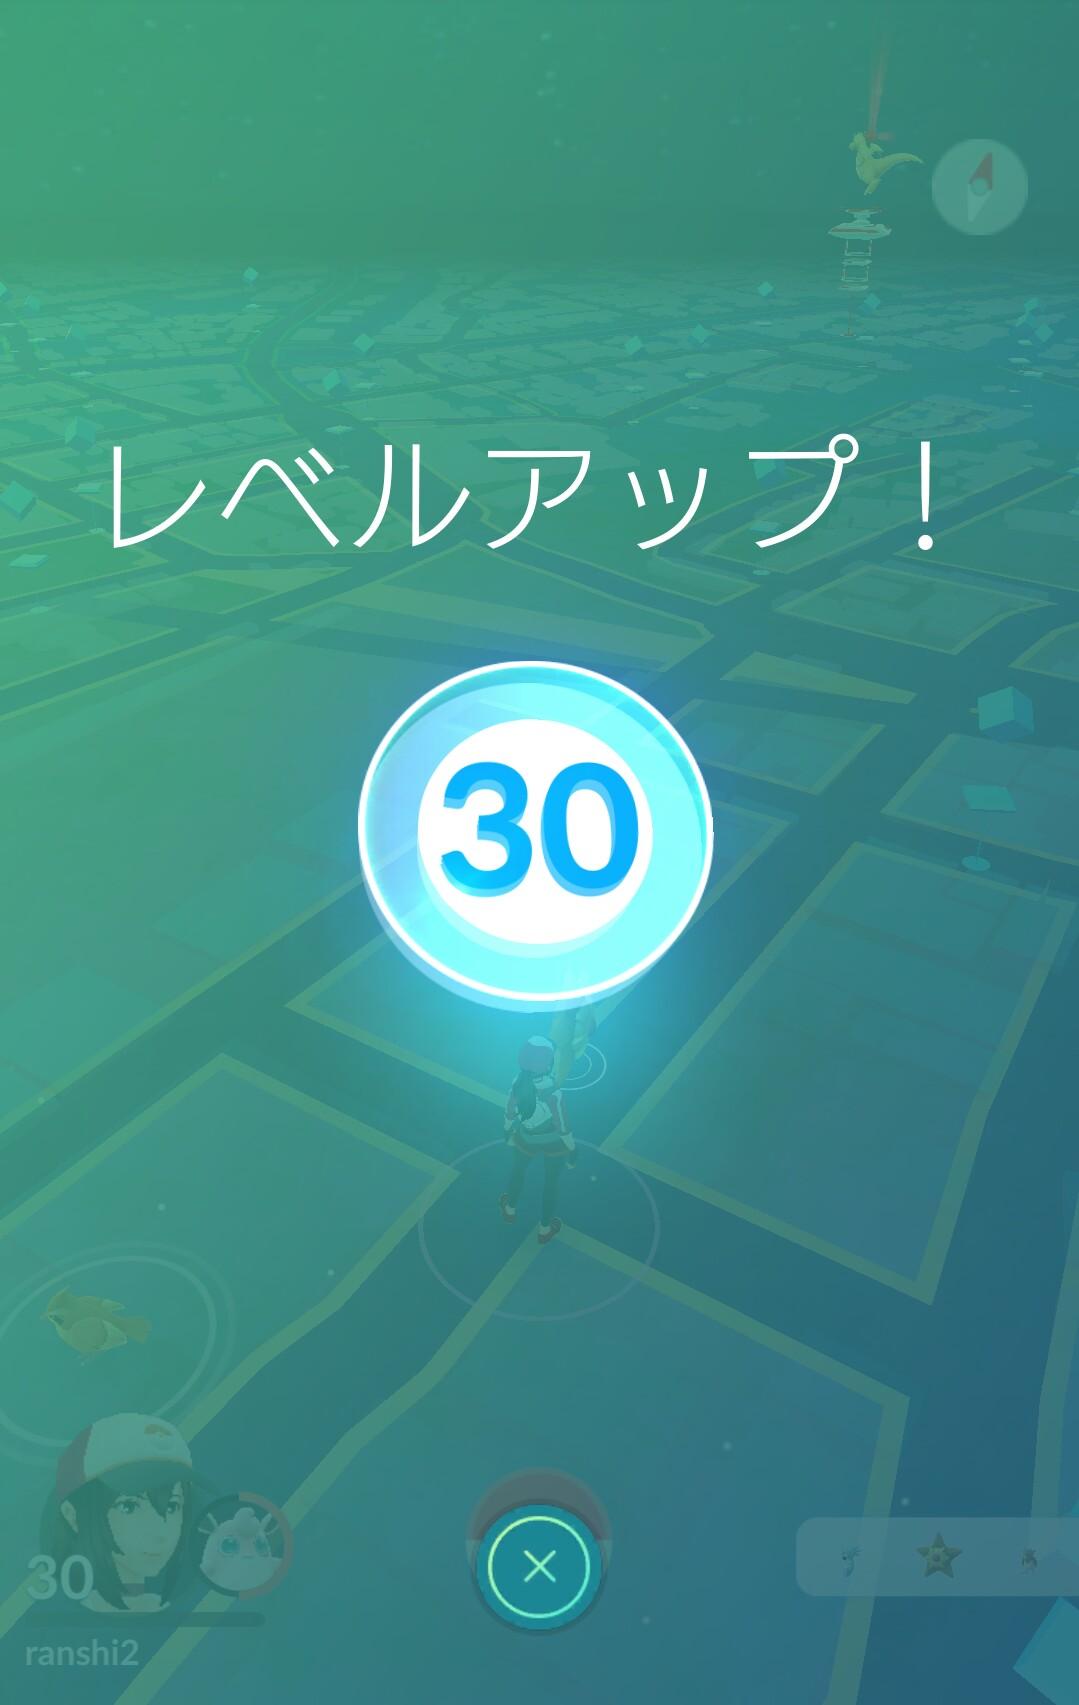 レベル30!